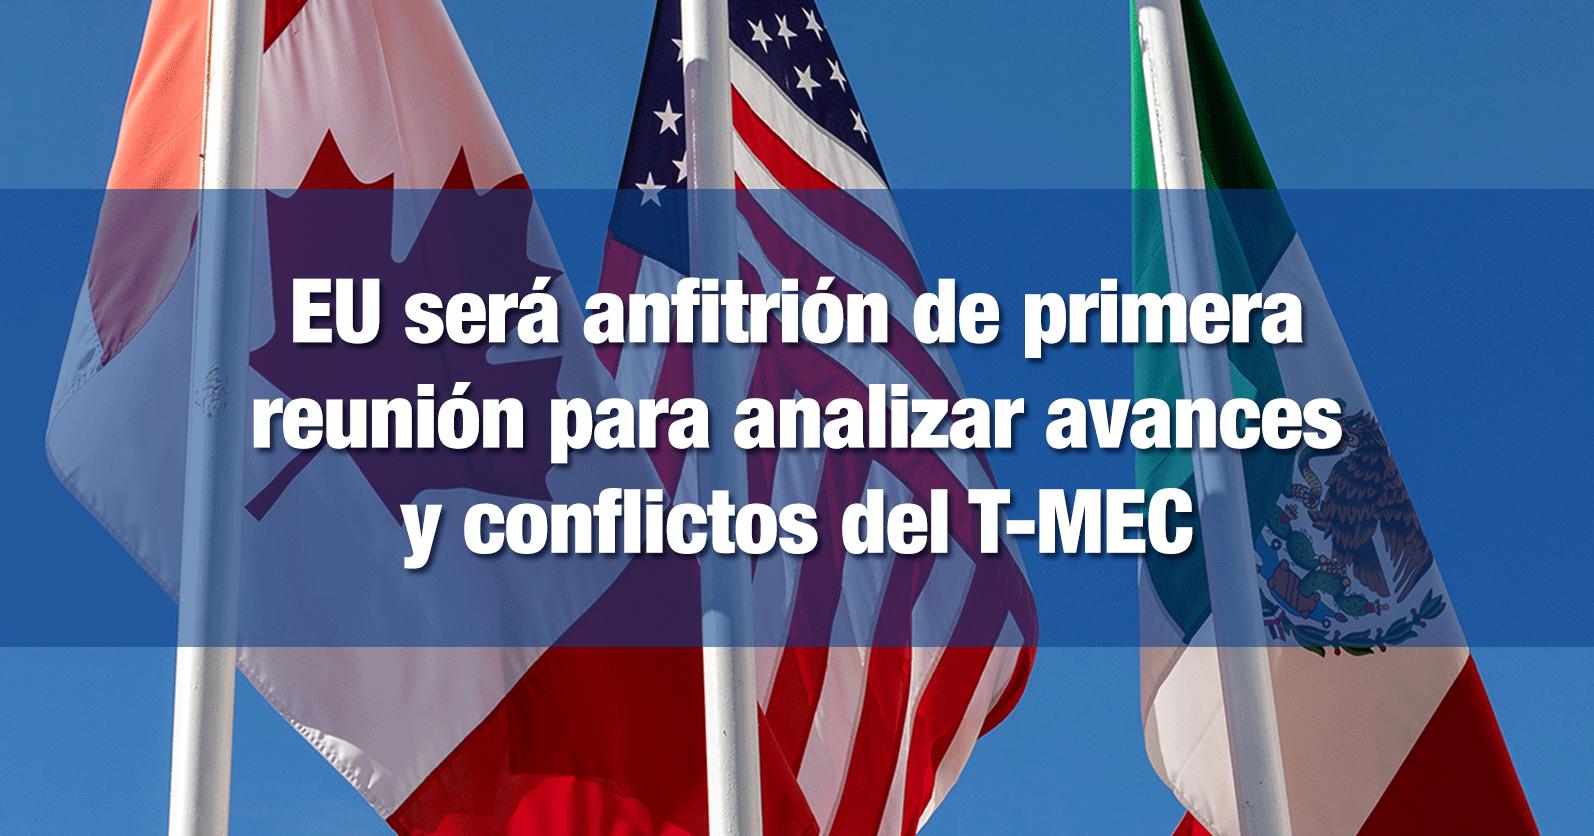 EU será anfitrión de primera reunión para analizar avances y conflictos del T-MEC